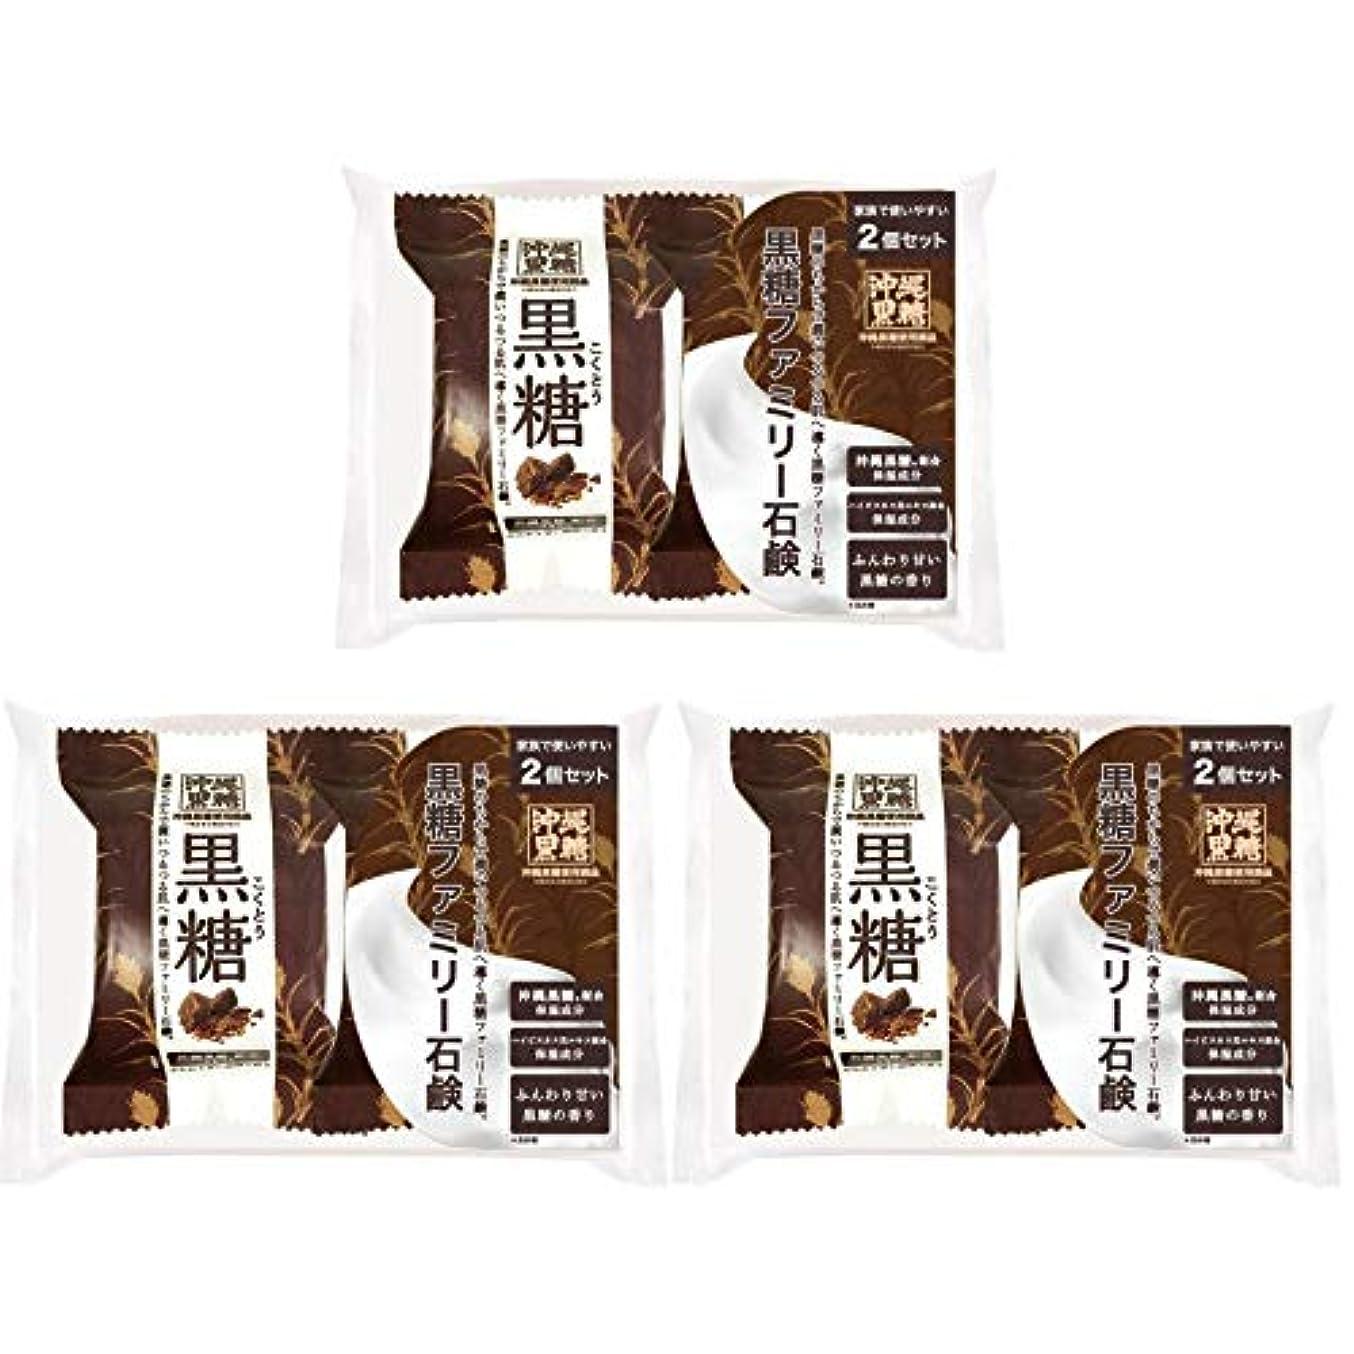 出発ブラインド礼拝【3個セット】ペリカン石鹸 ファミリー黒糖石鹸 80g×2個